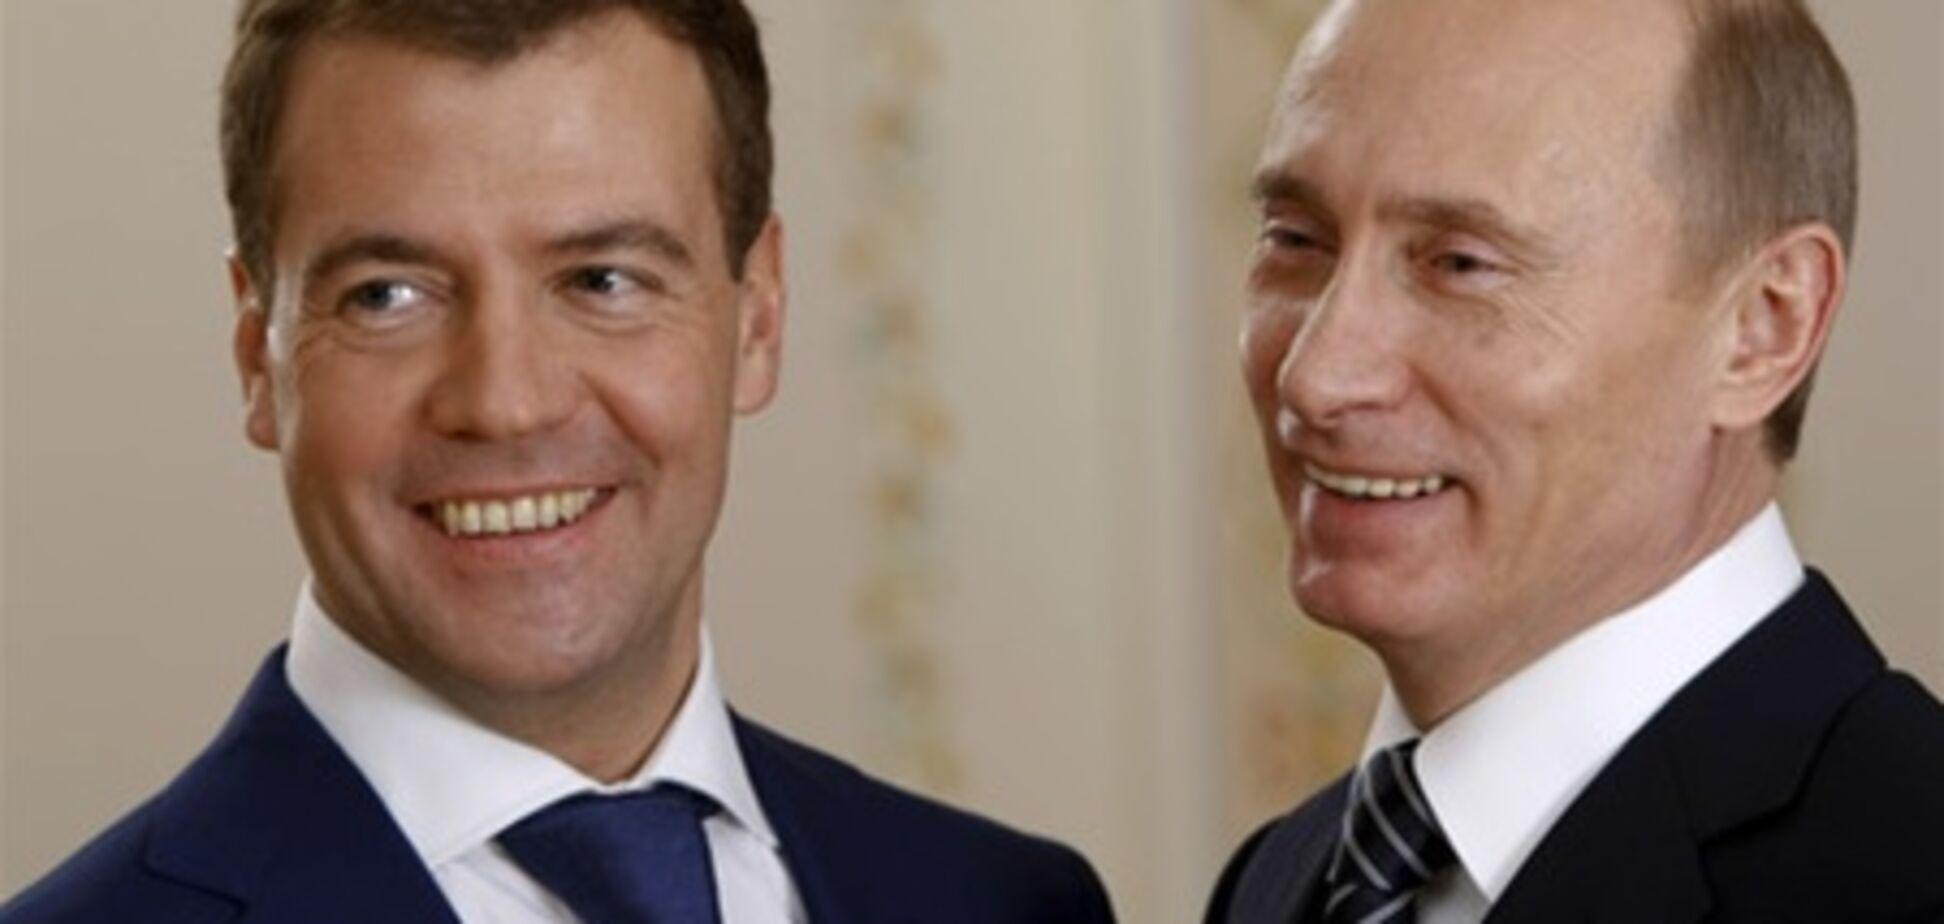 Медведев и Путин решили, кто из них пойдет в президенты. Видео